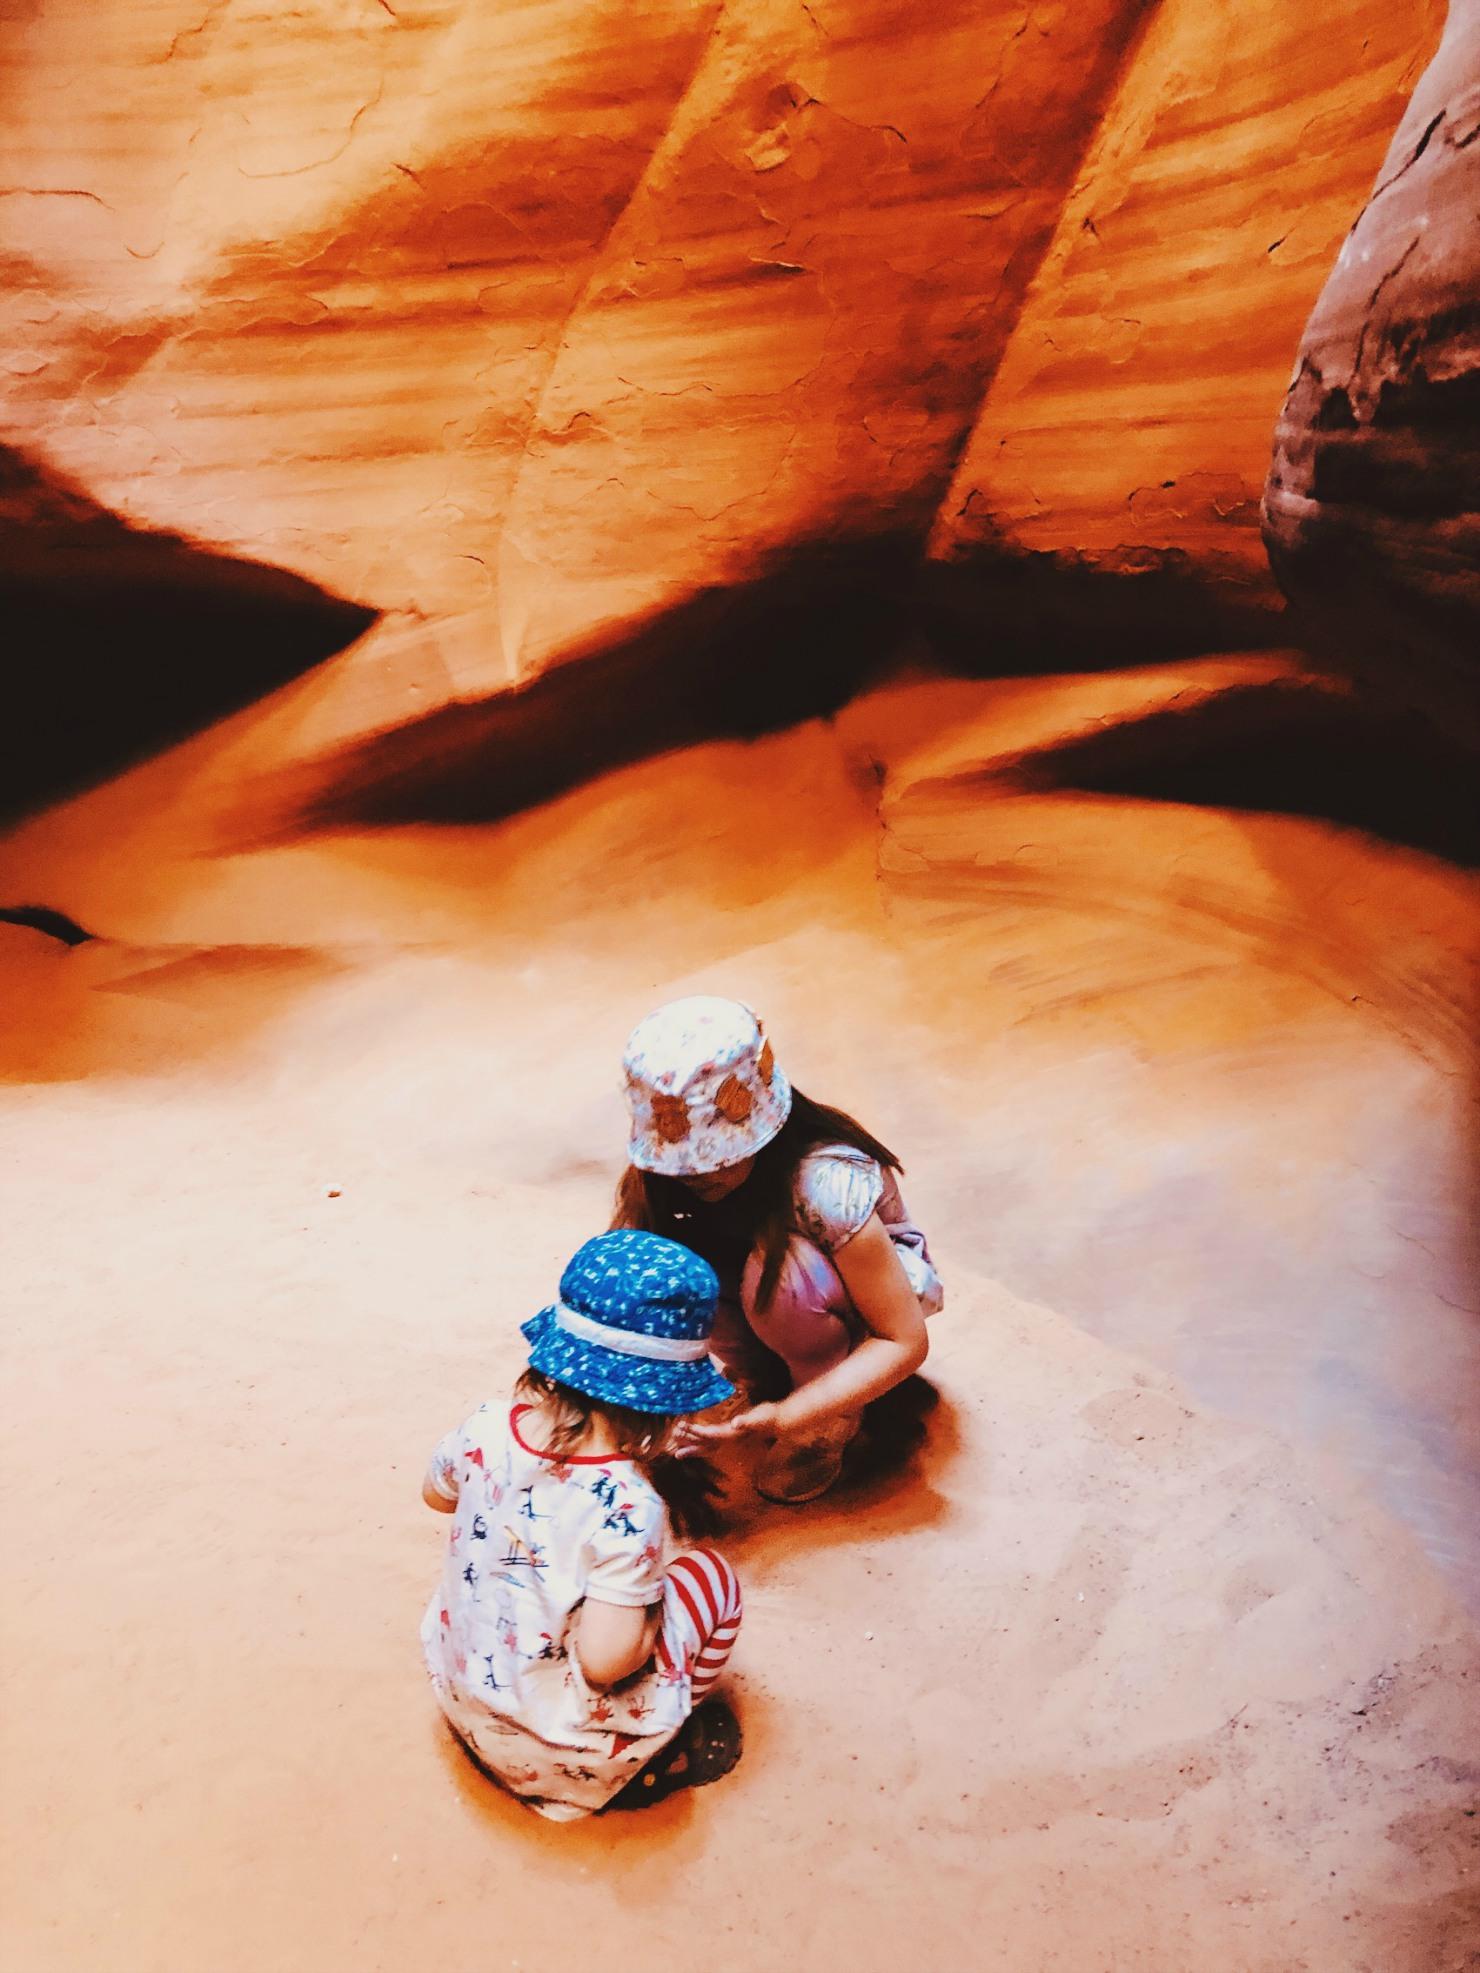 Välissä löytyi jopa hetki aikaa leikkiä hiekalla